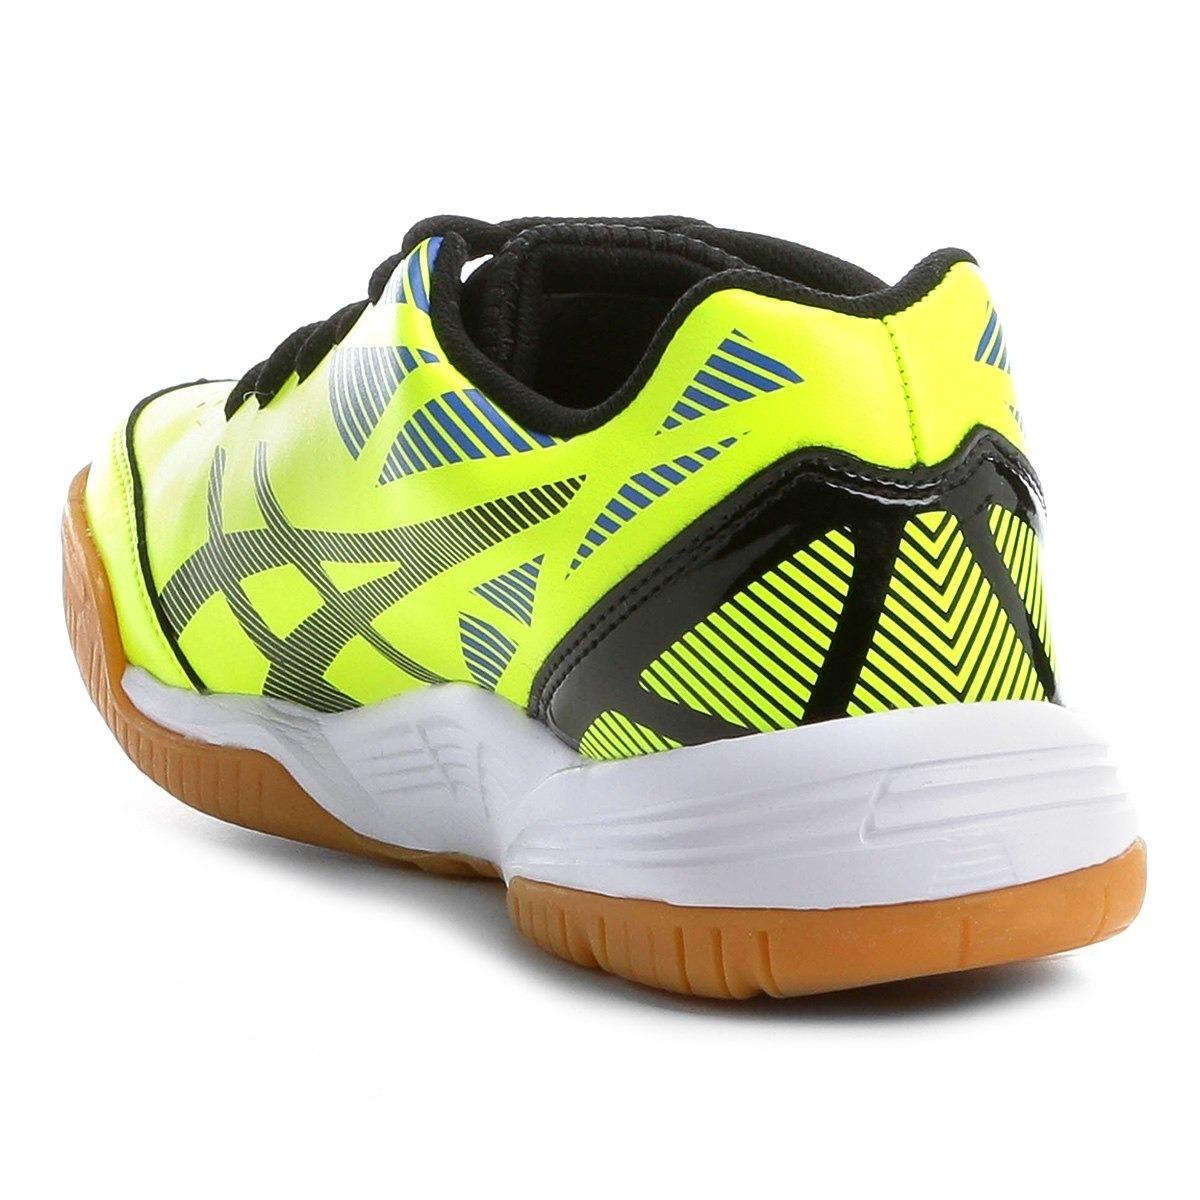 e8e0af689f1 Asics Gel Toque Br Futsal